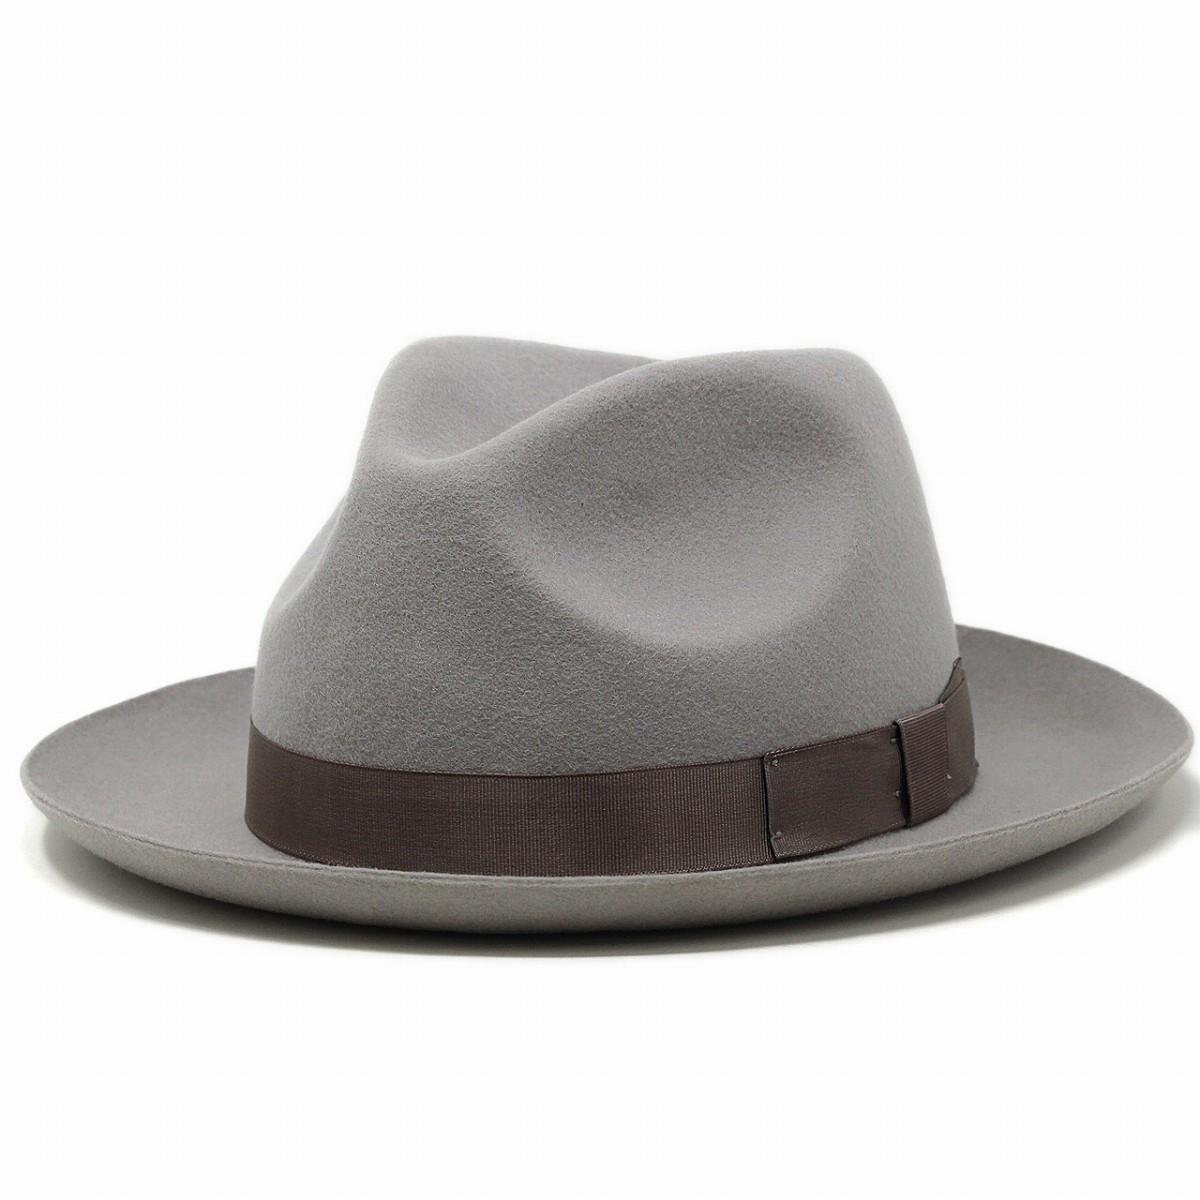 中折れハット クリスティーズ フェルトハット ハット CHEAPSTOW CHRISTYS' LONDON メンズ ウールフェルト 帽子 ライトグレー [ fedora ] (40代 50代 60代 ファッション フェルト プレゼント ギフト メンズハット メンズ帽子 ブランド帽子 リボン 紳士帽子 ぼうし)